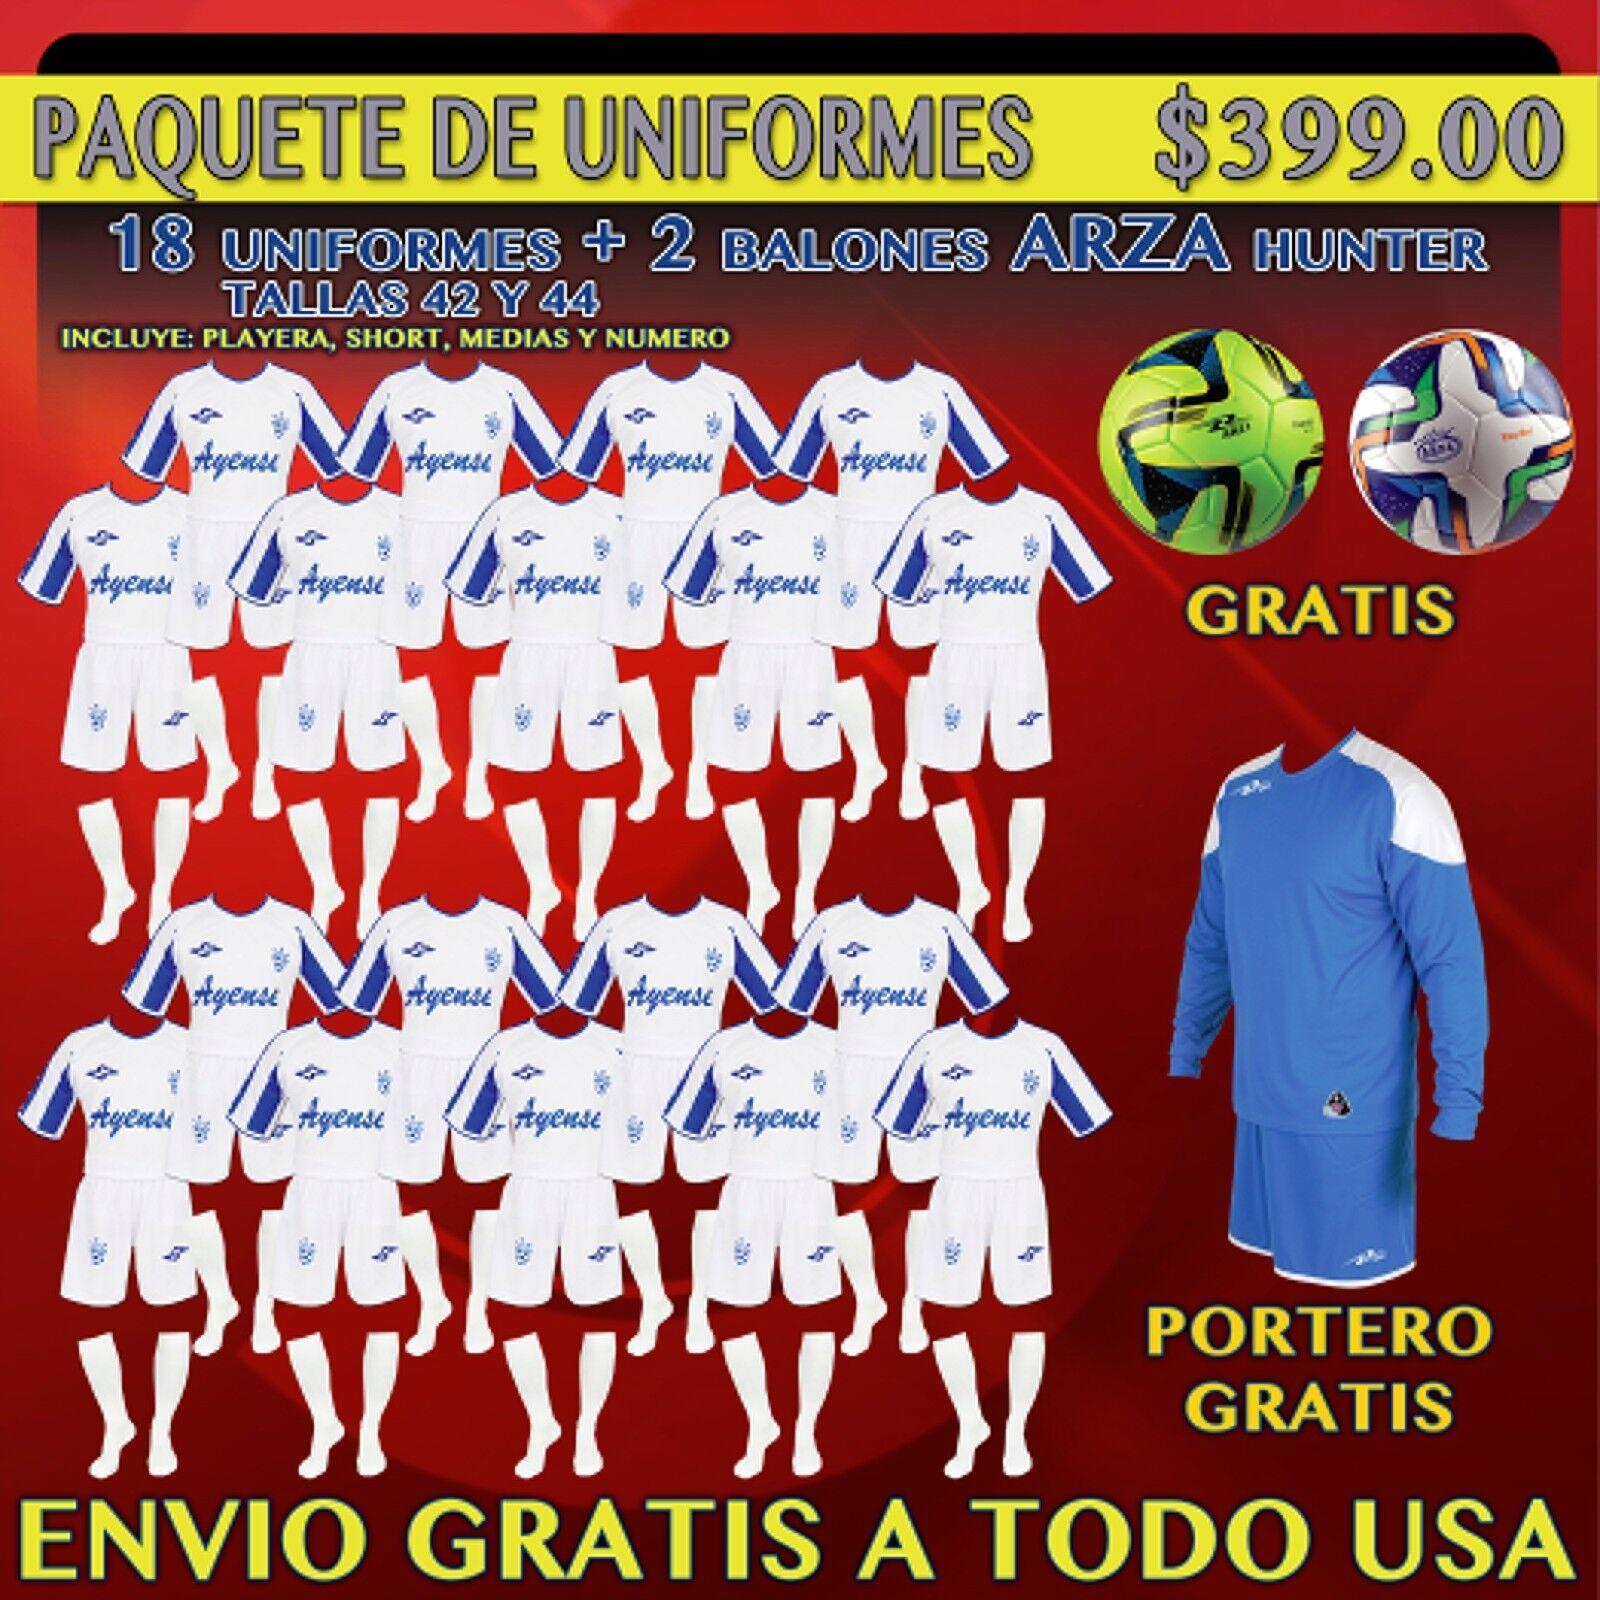 20 Marval ayense lejos fútbol uniformes _ 100% Poliéster _ hecho en México _ Venta _